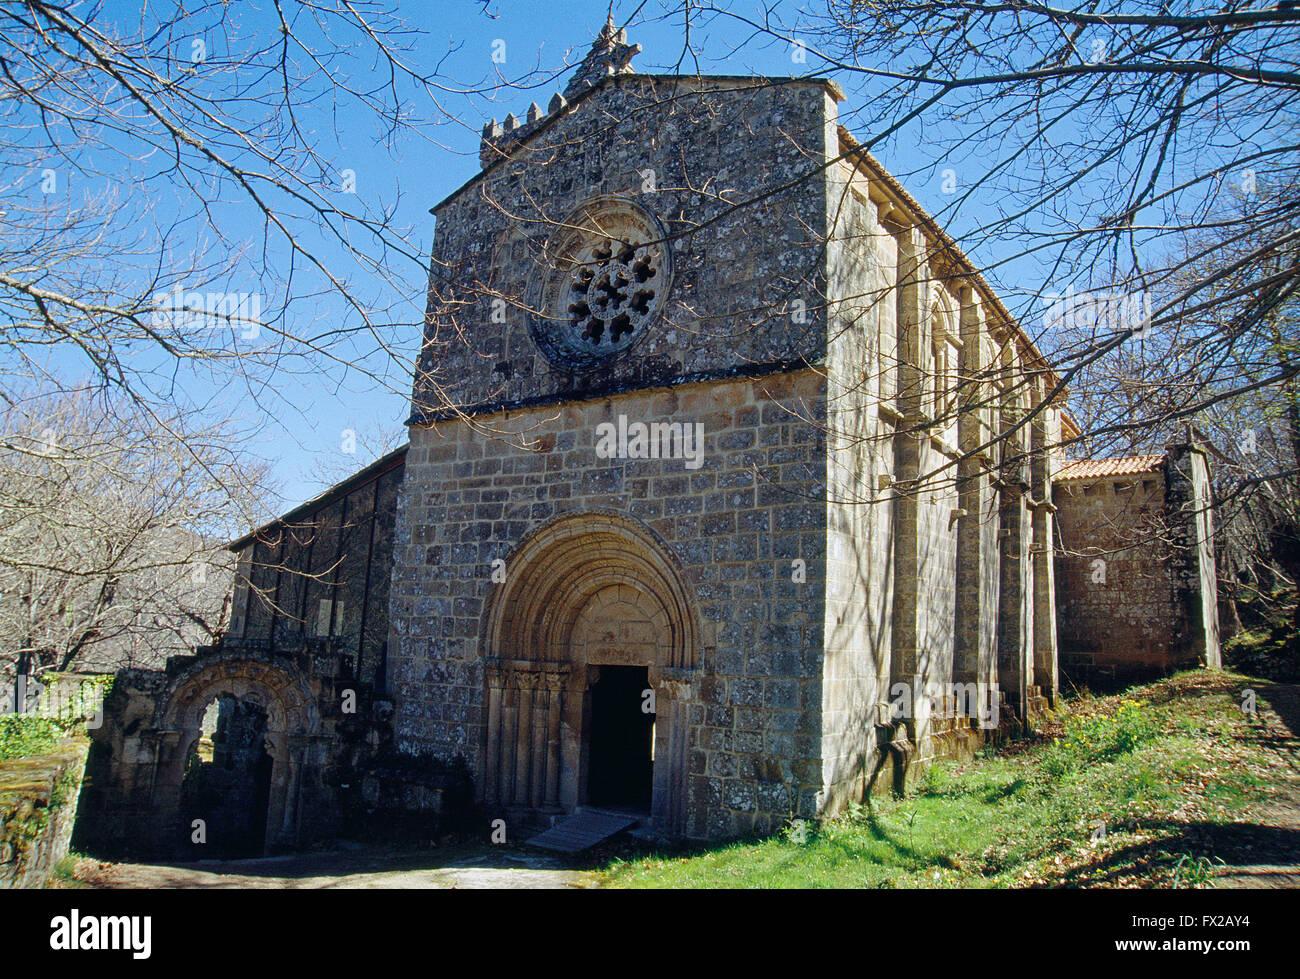 Monastery of Santa Cristina de Ribas de Sil. Ribeira Sacra, Orense province, Galicia, Spain. - Stock Image